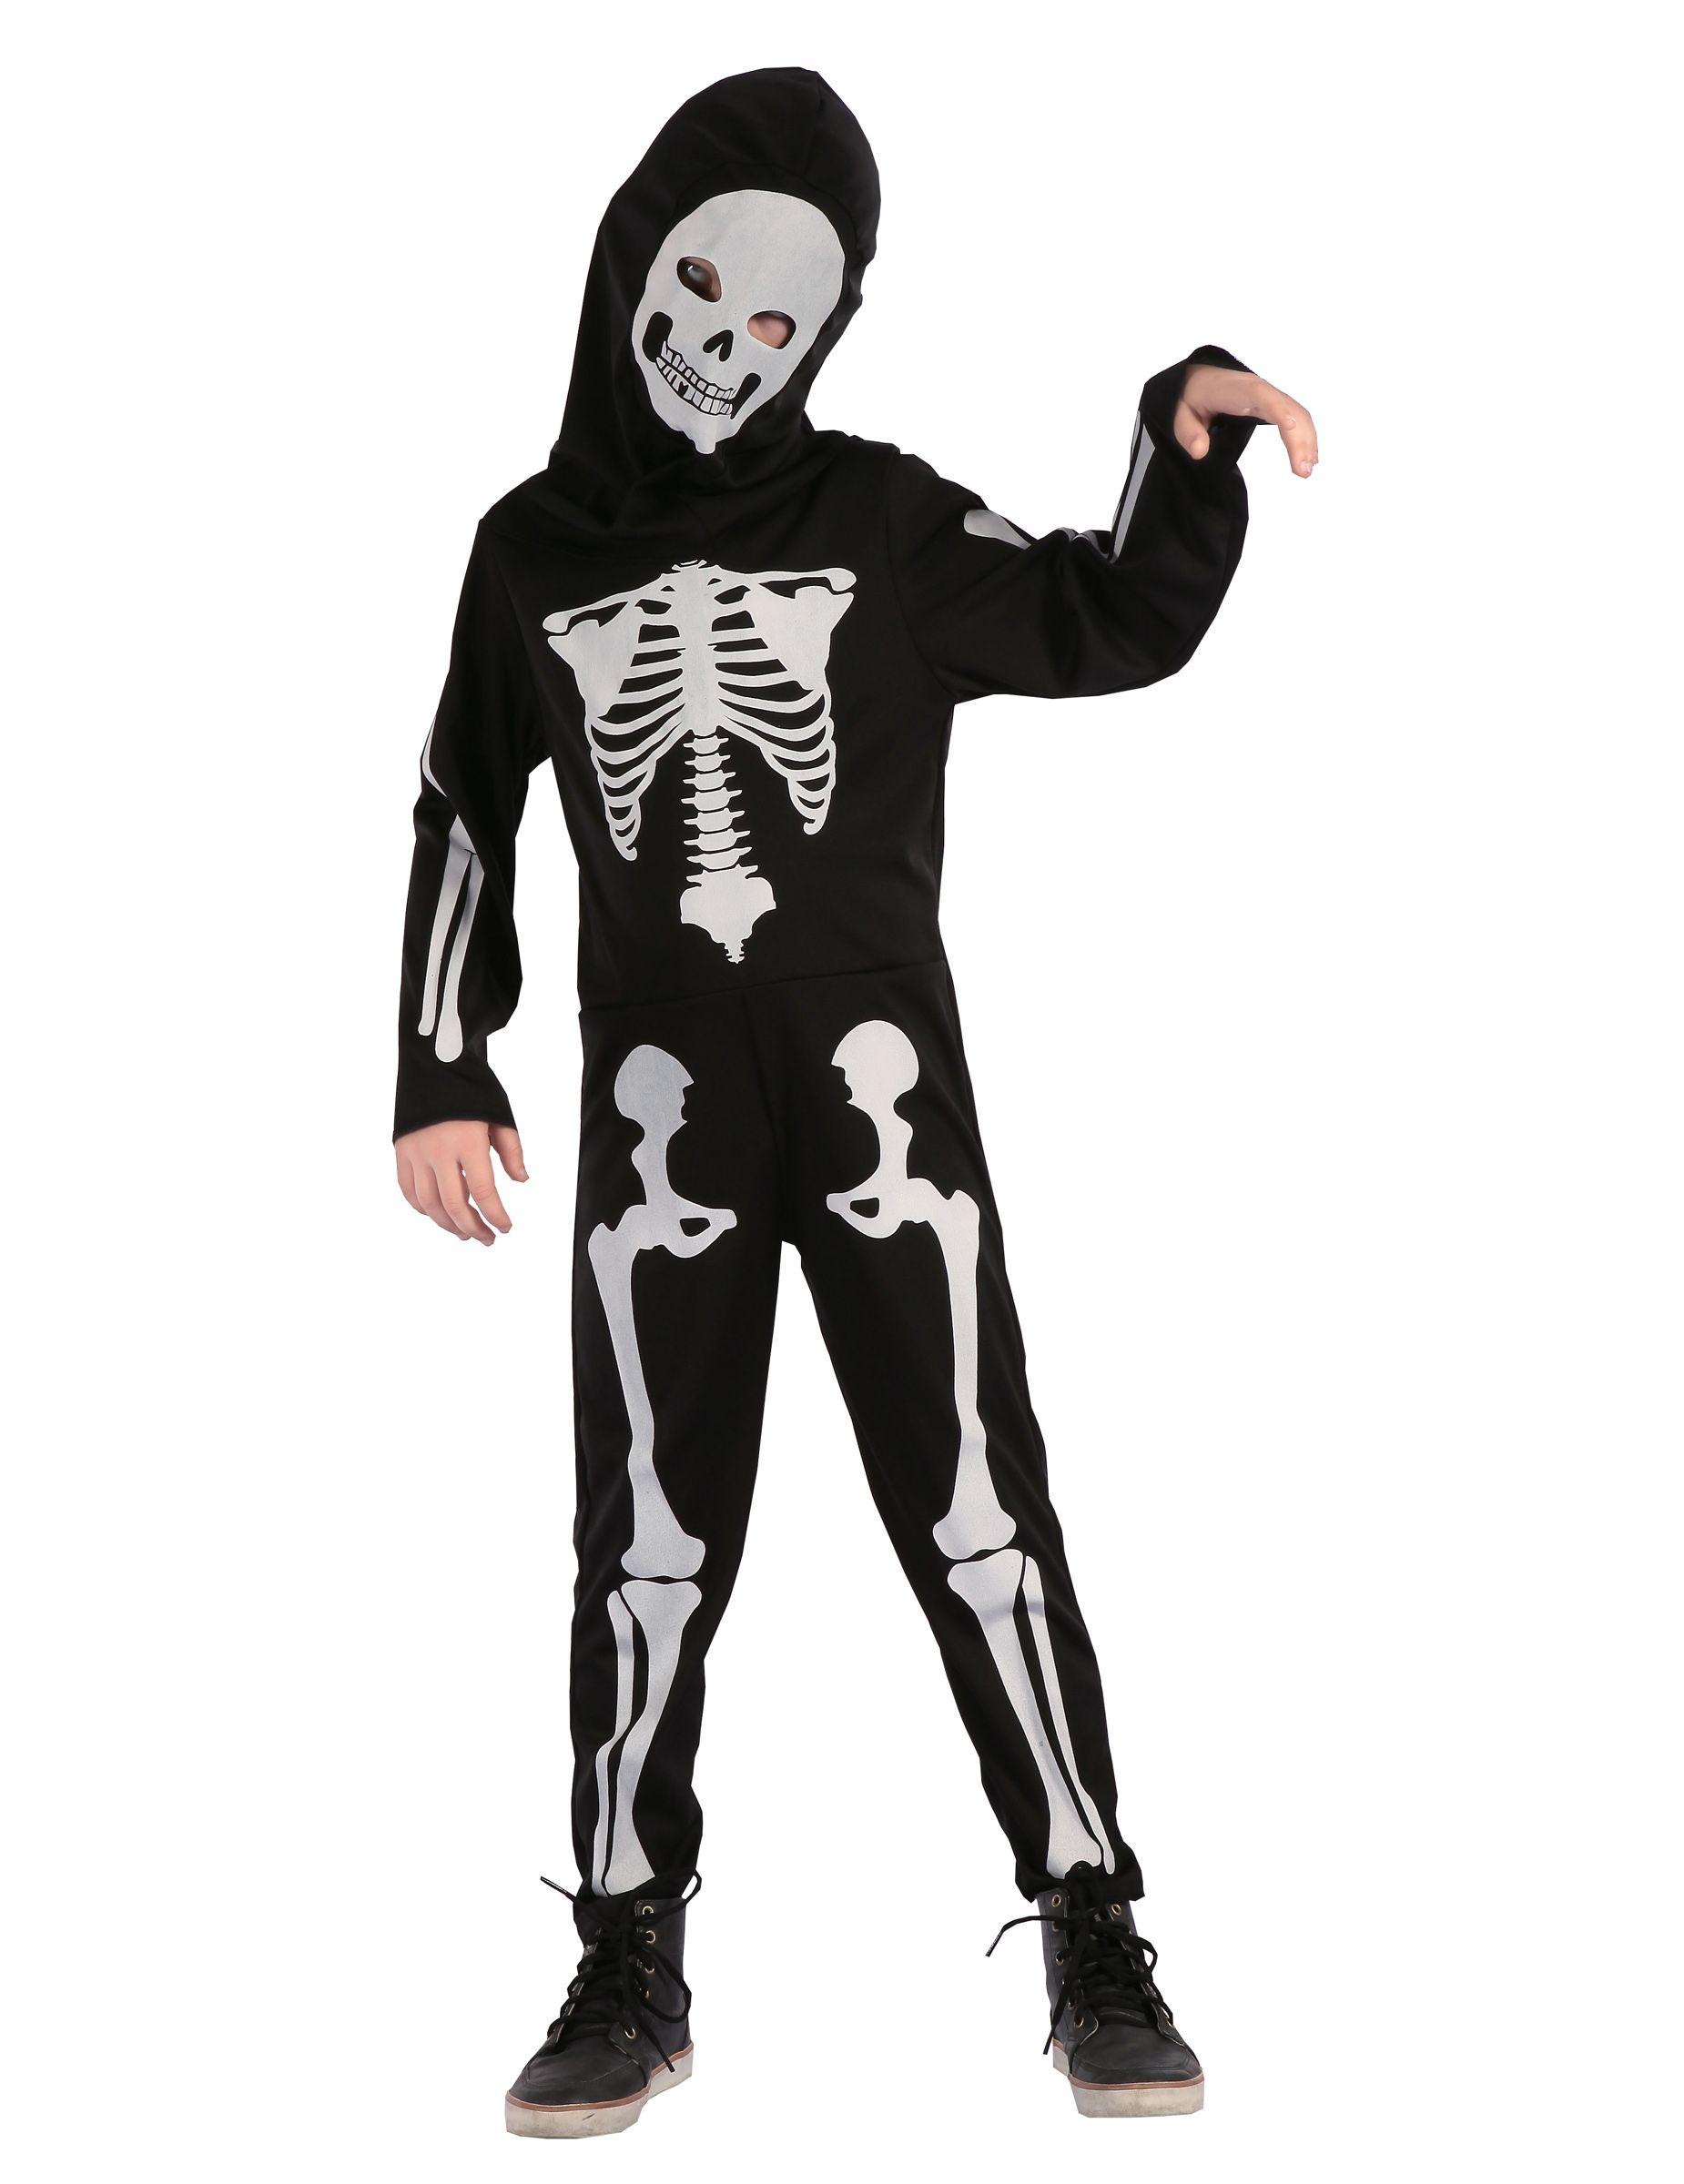 Costume scheletro articolato bambino  Questo costume da scheletro per  bambino è composto da una tuta 4985e27239f